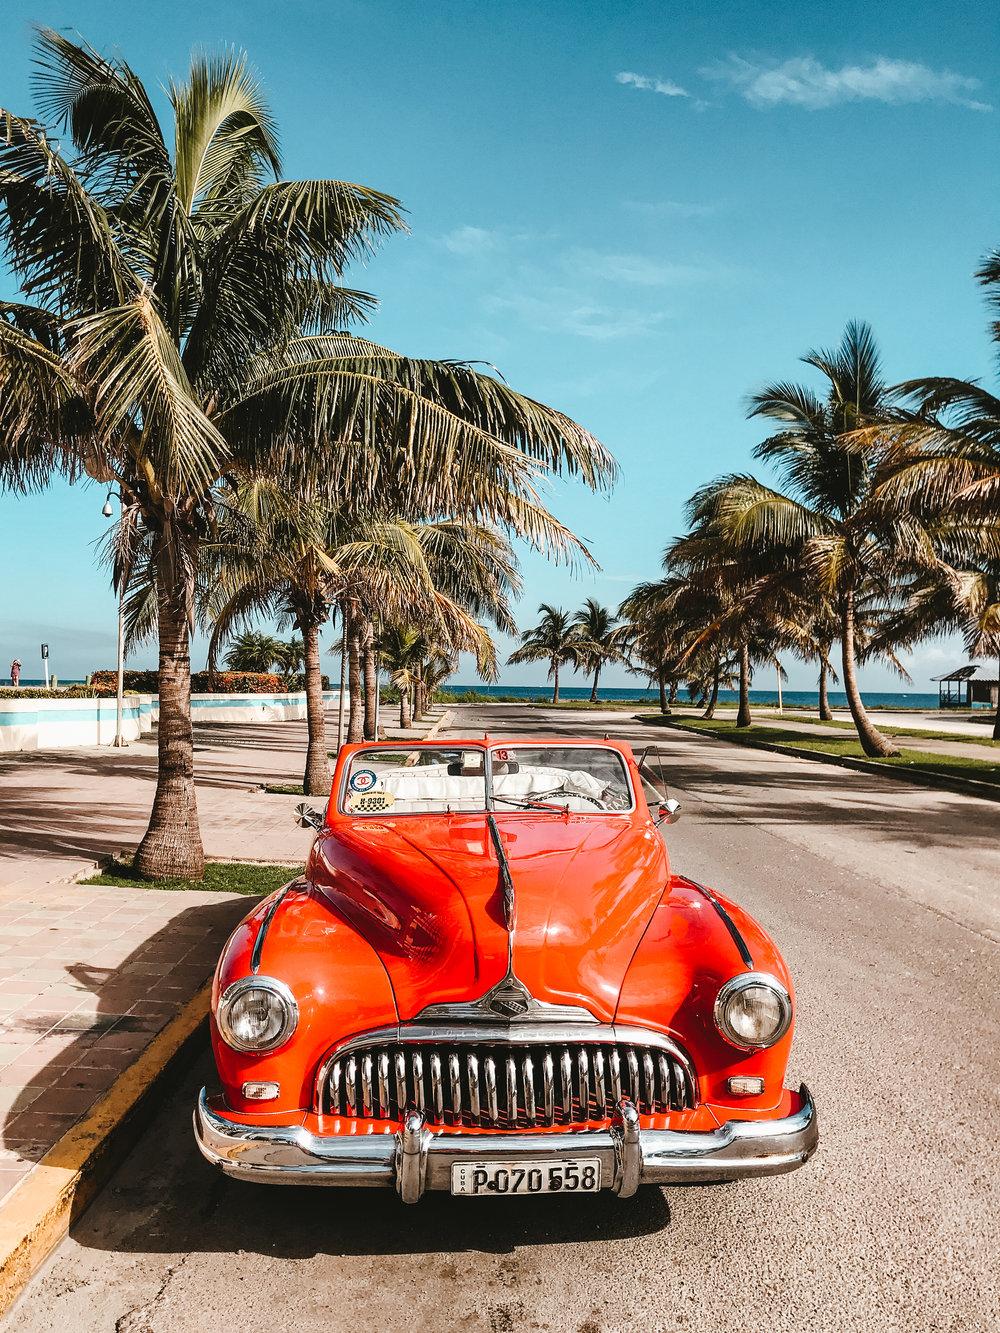 ¿Debes cancelar tu viaje? - La respuesta es NO. No debes cancelar tu viaje si ya lo tenías en agenda. Tampoco debes desechar tus planes si pensabas viajar en un futuro cercano. Al momento nada parece indicar que se implantrán restricciones demasiado prohibitivas en un futuro cercano. Sí es importante que te asegures que sigas cumpliendo con una de las 12 categorías que te permite el Gobierno de USA para viajar a Cuba.